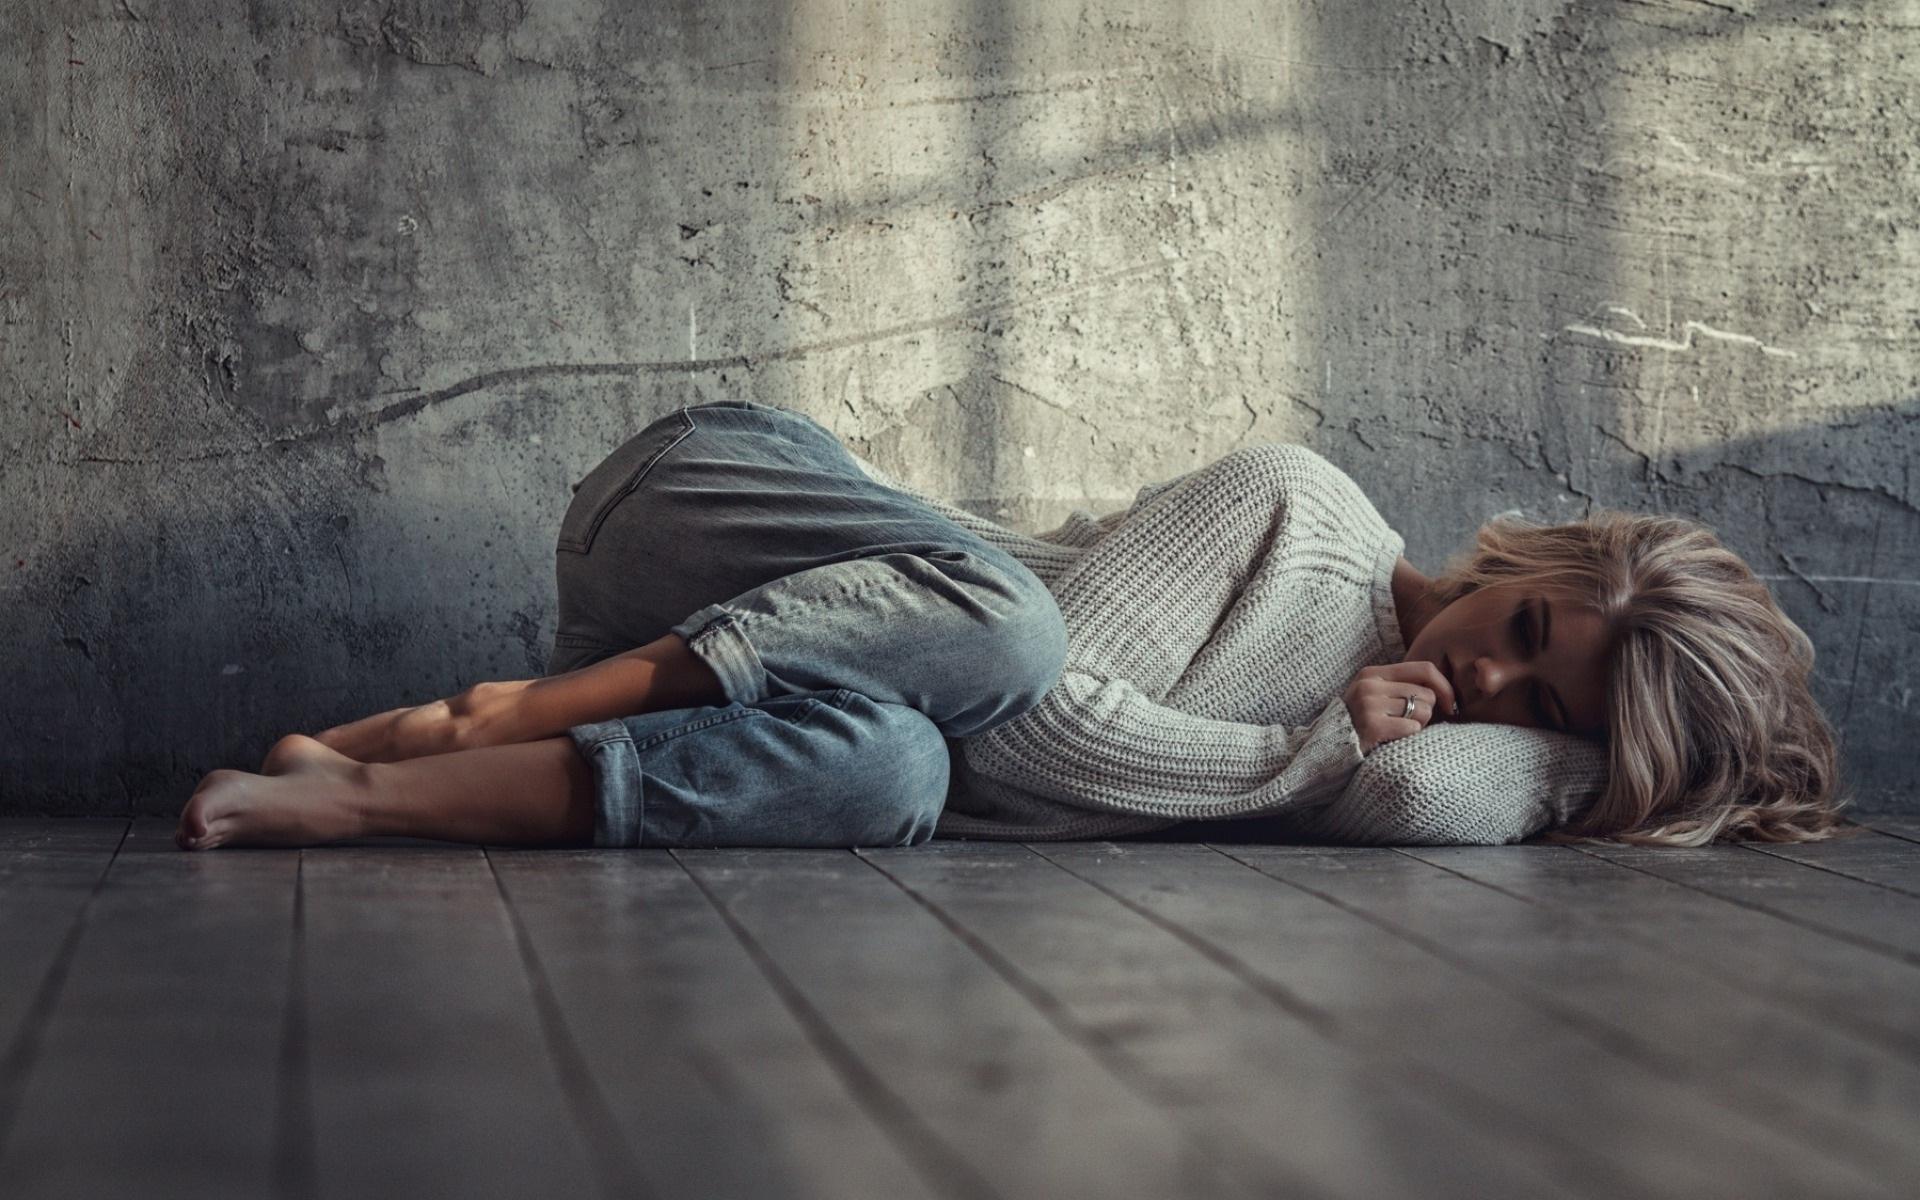 Конфликтные ситуации – это настоящий пожиратель положительных эмоций, который приносит разочарование и нередко становится причиной апатии